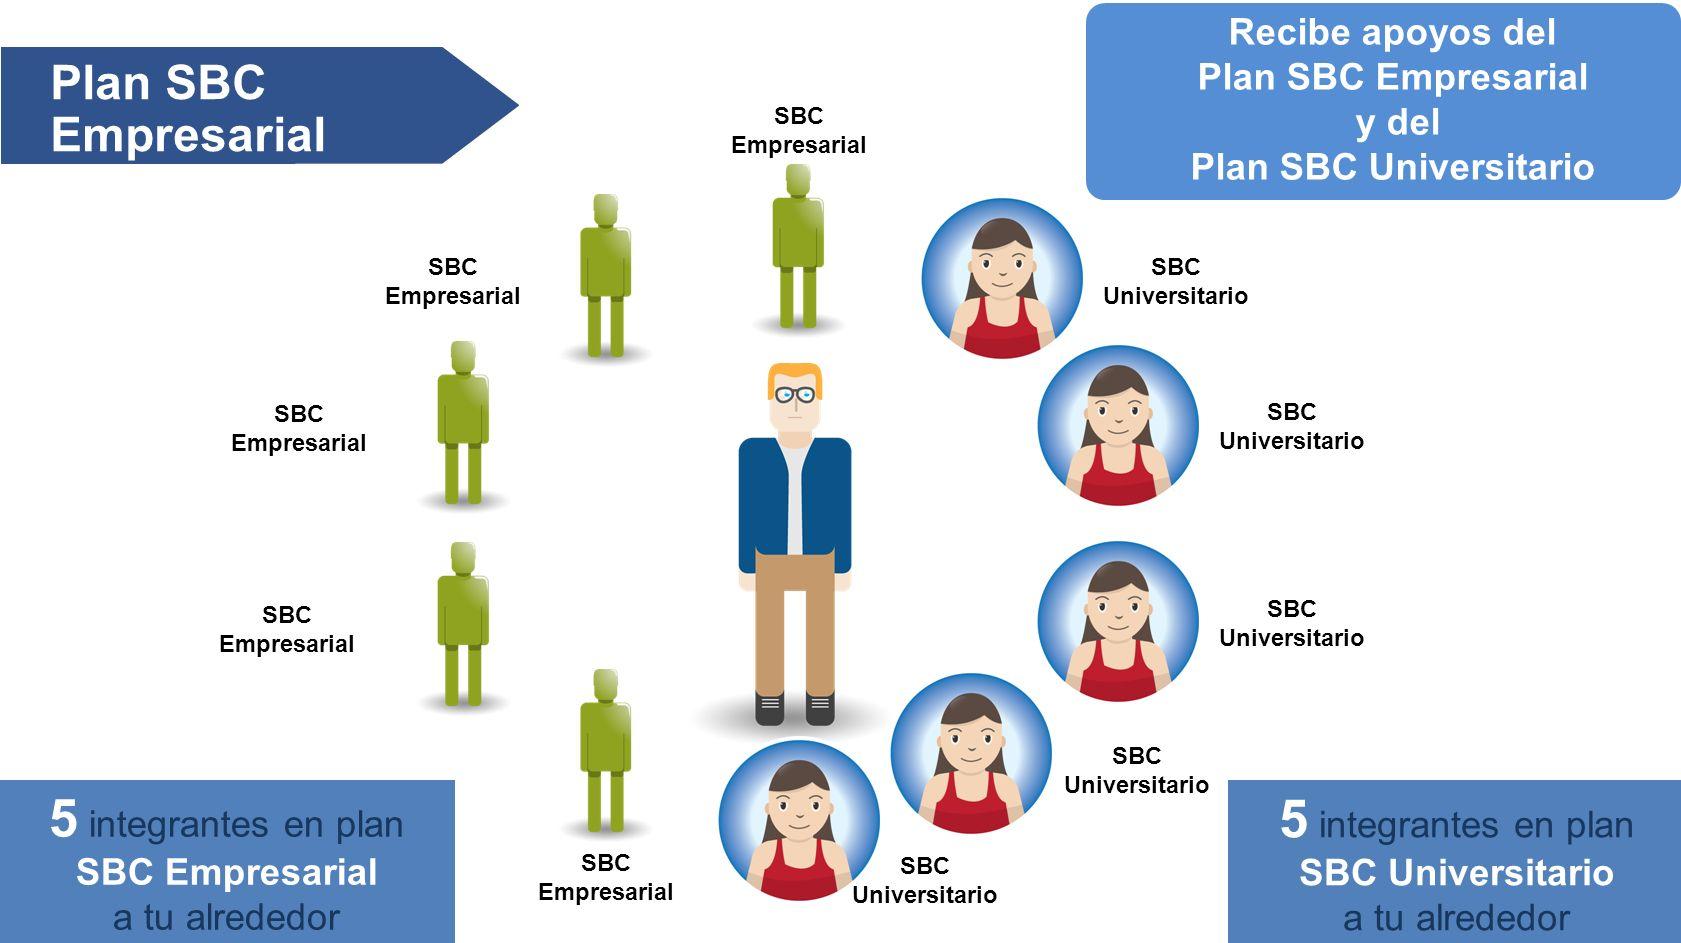 Plan SBC Empresarial SBC Empresarial SBC Universitario 5 integrantes en plan SBC Empresarial a tu alrededor 5 integrantes en plan SBC Universitario a